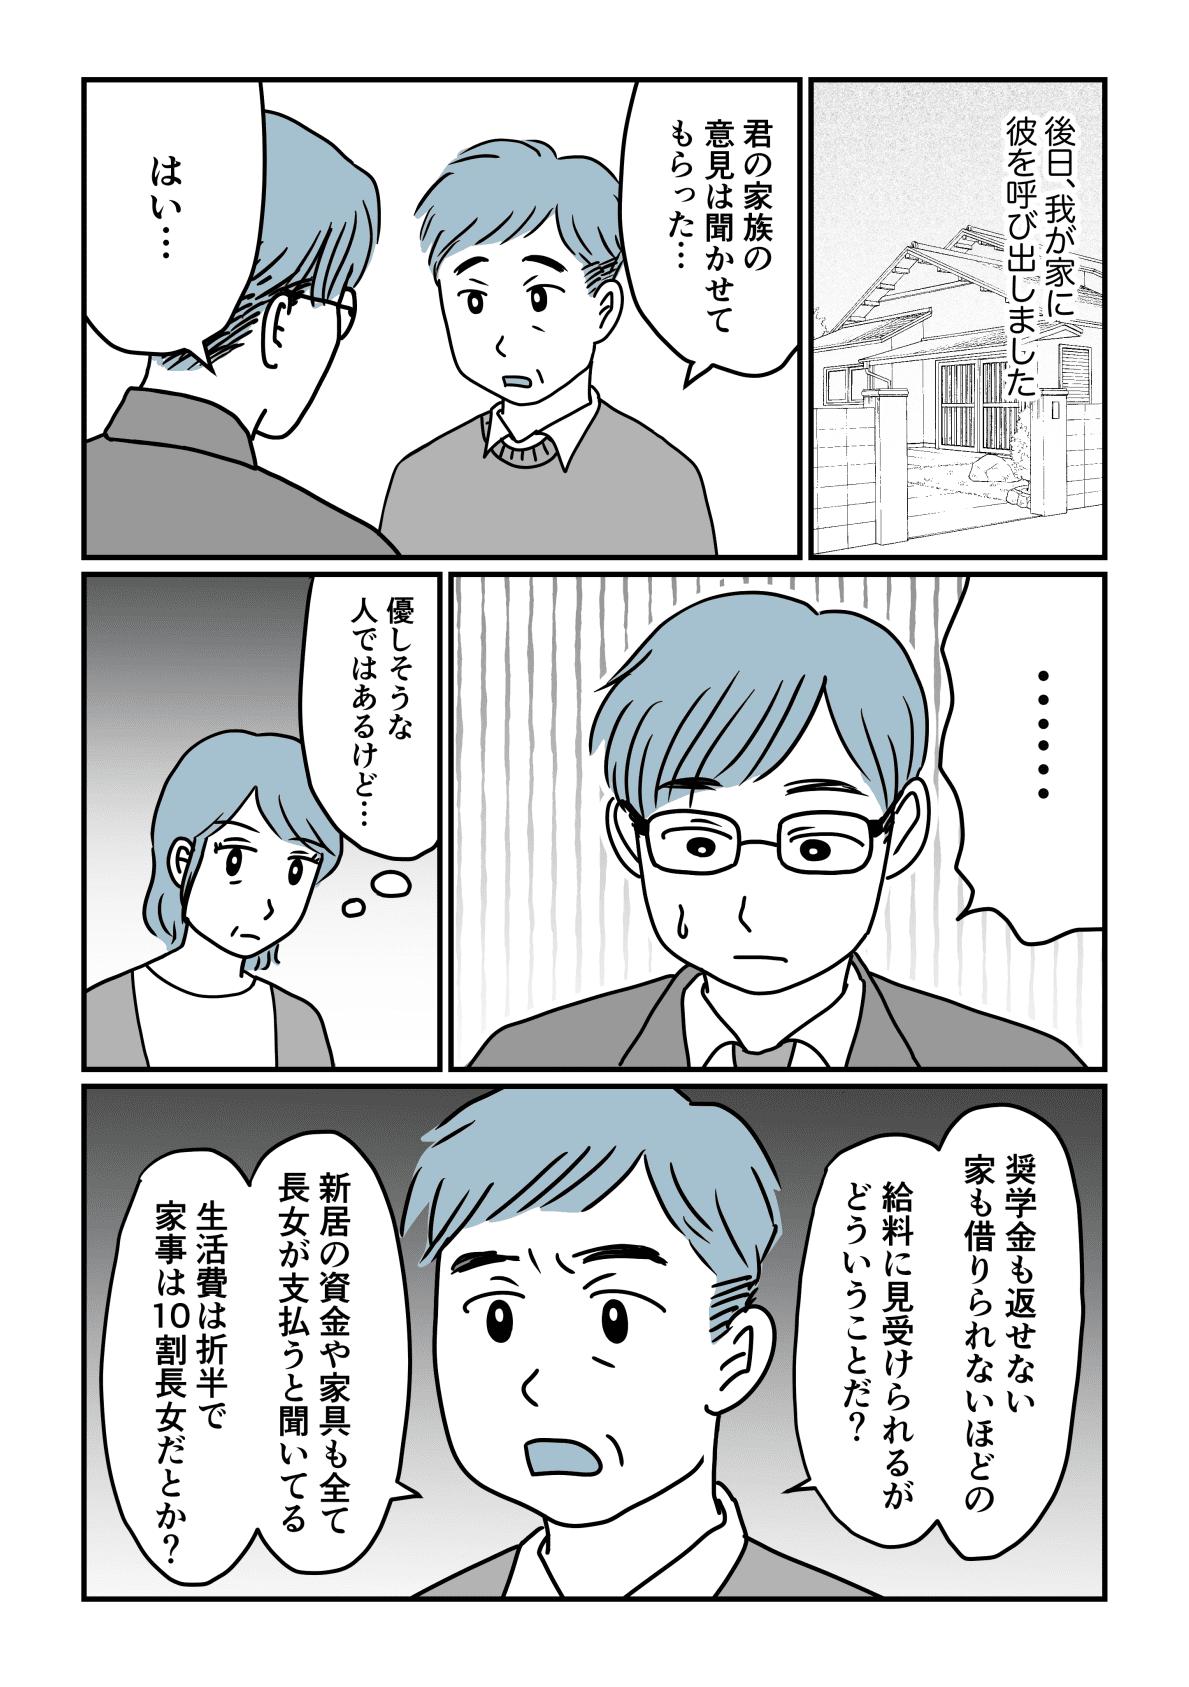 奨学金彼氏後編1